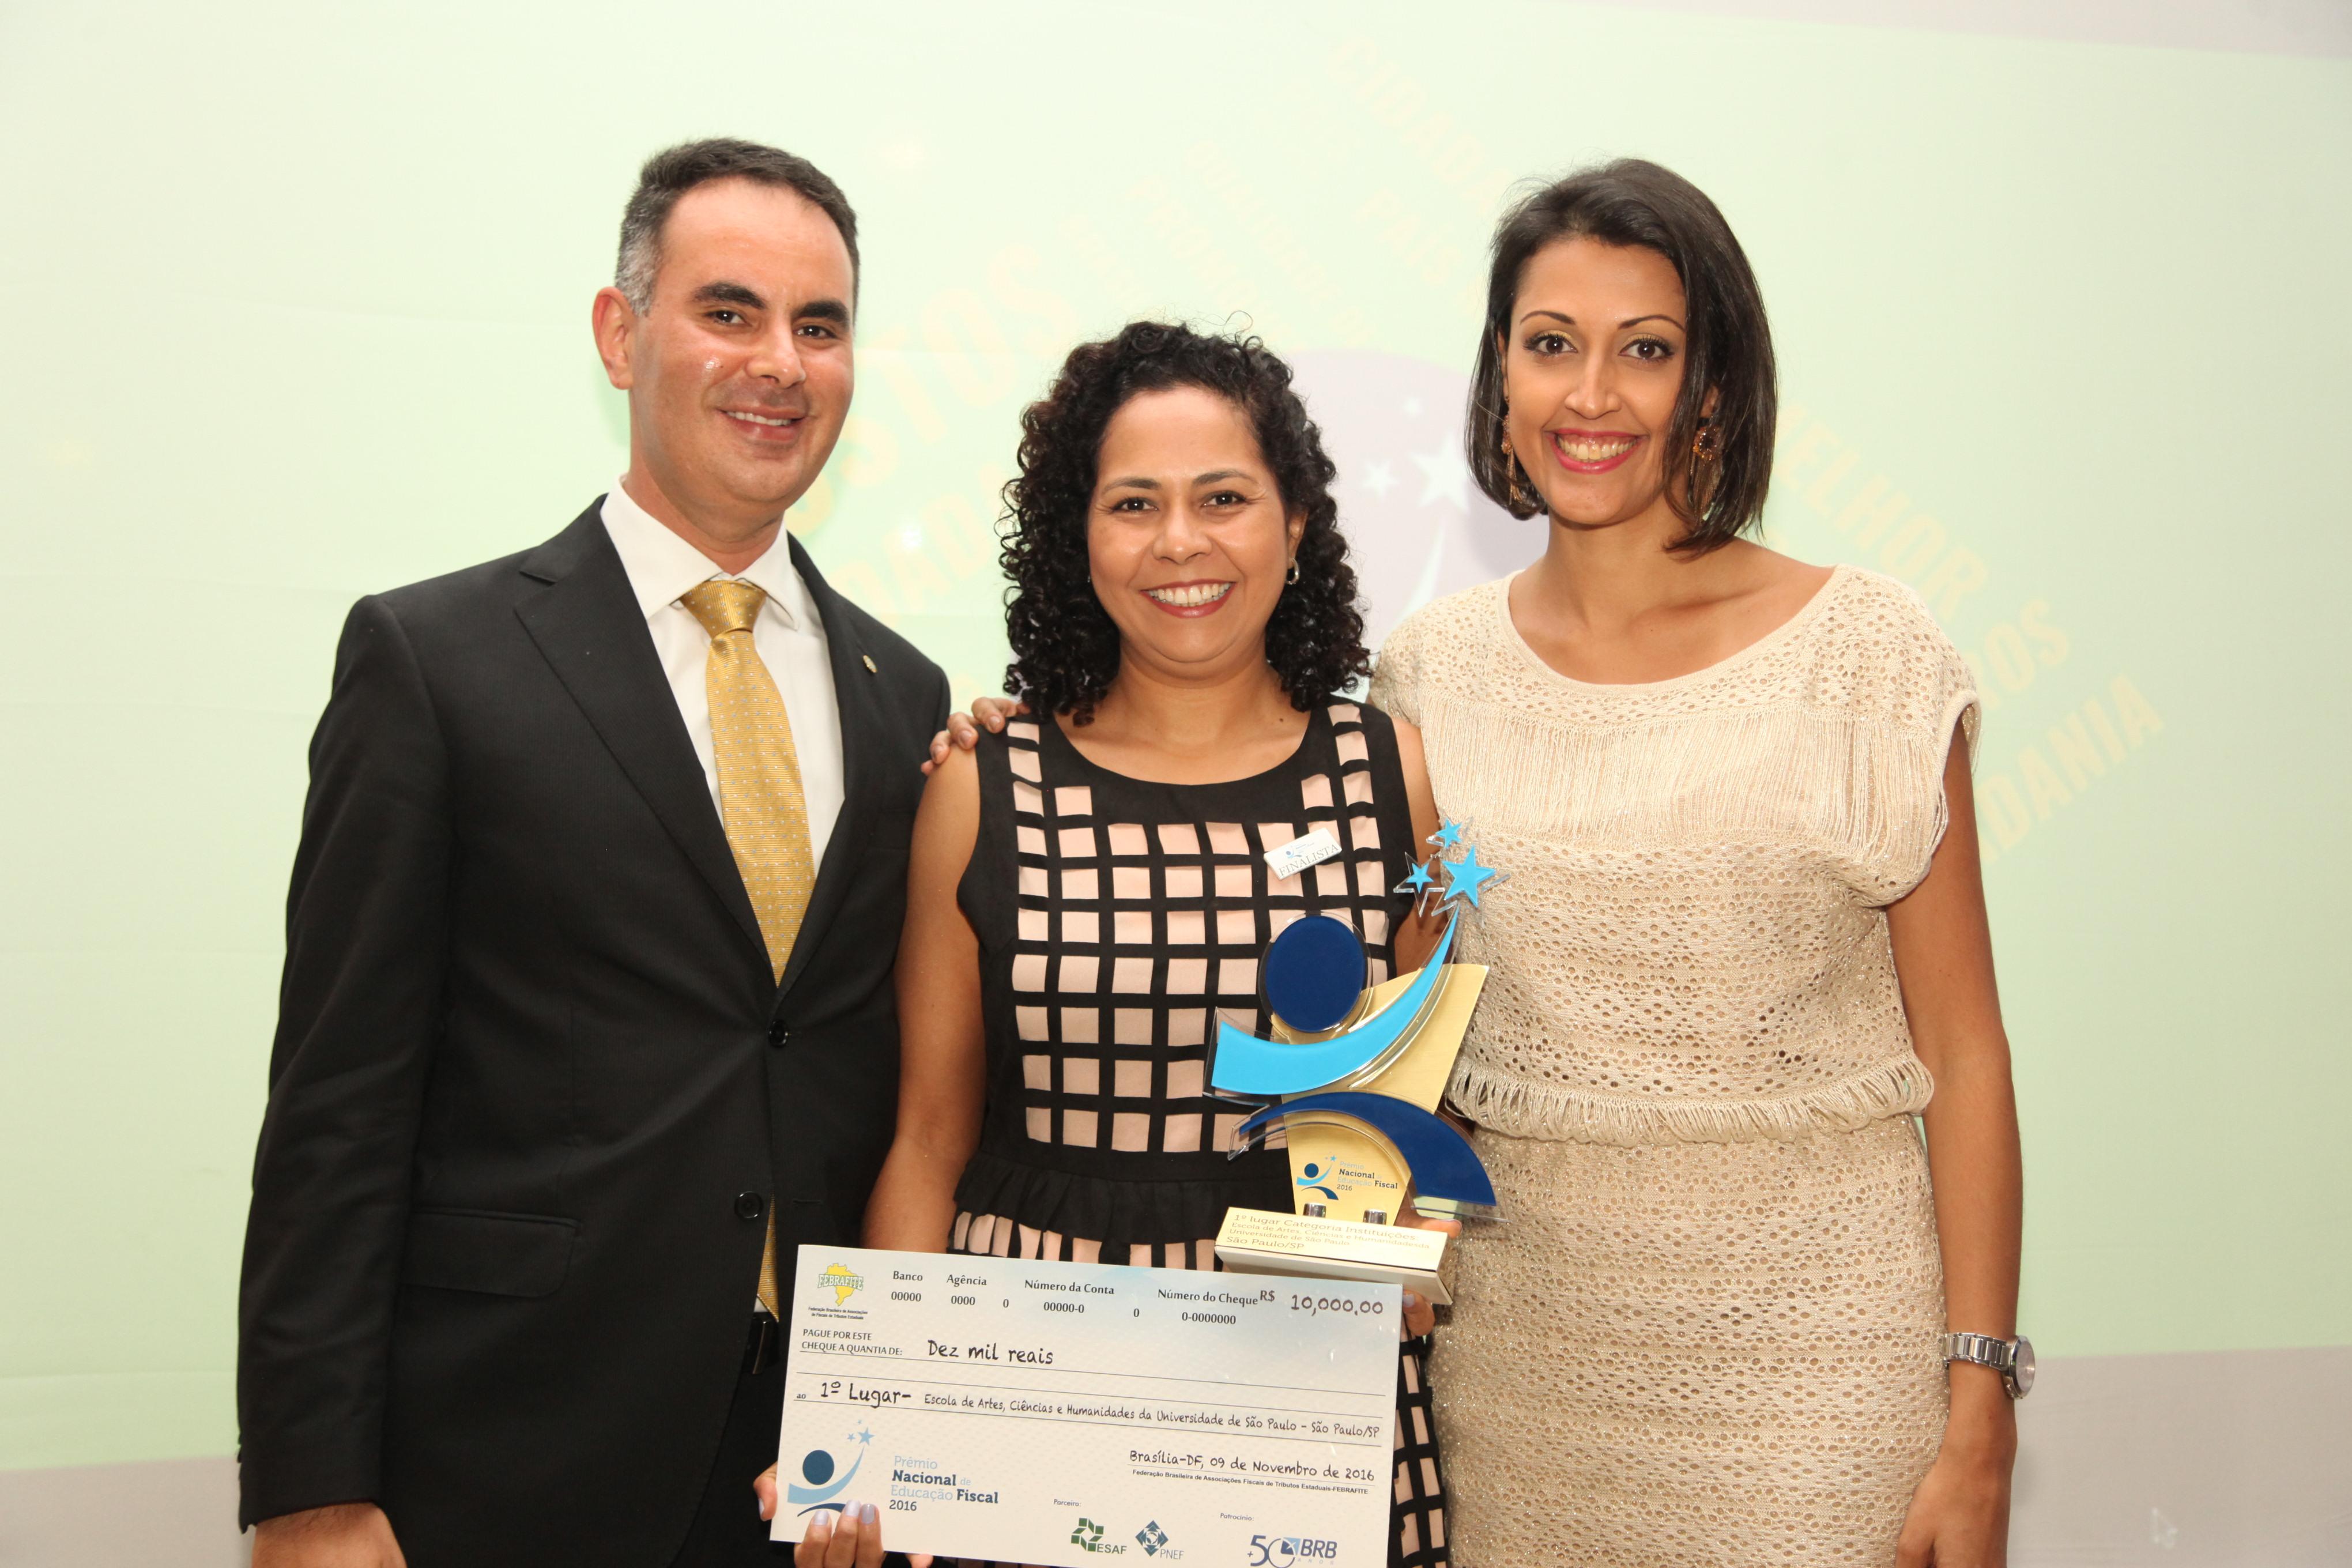 PremioNacionaldeEducacaoFiscal.jpg